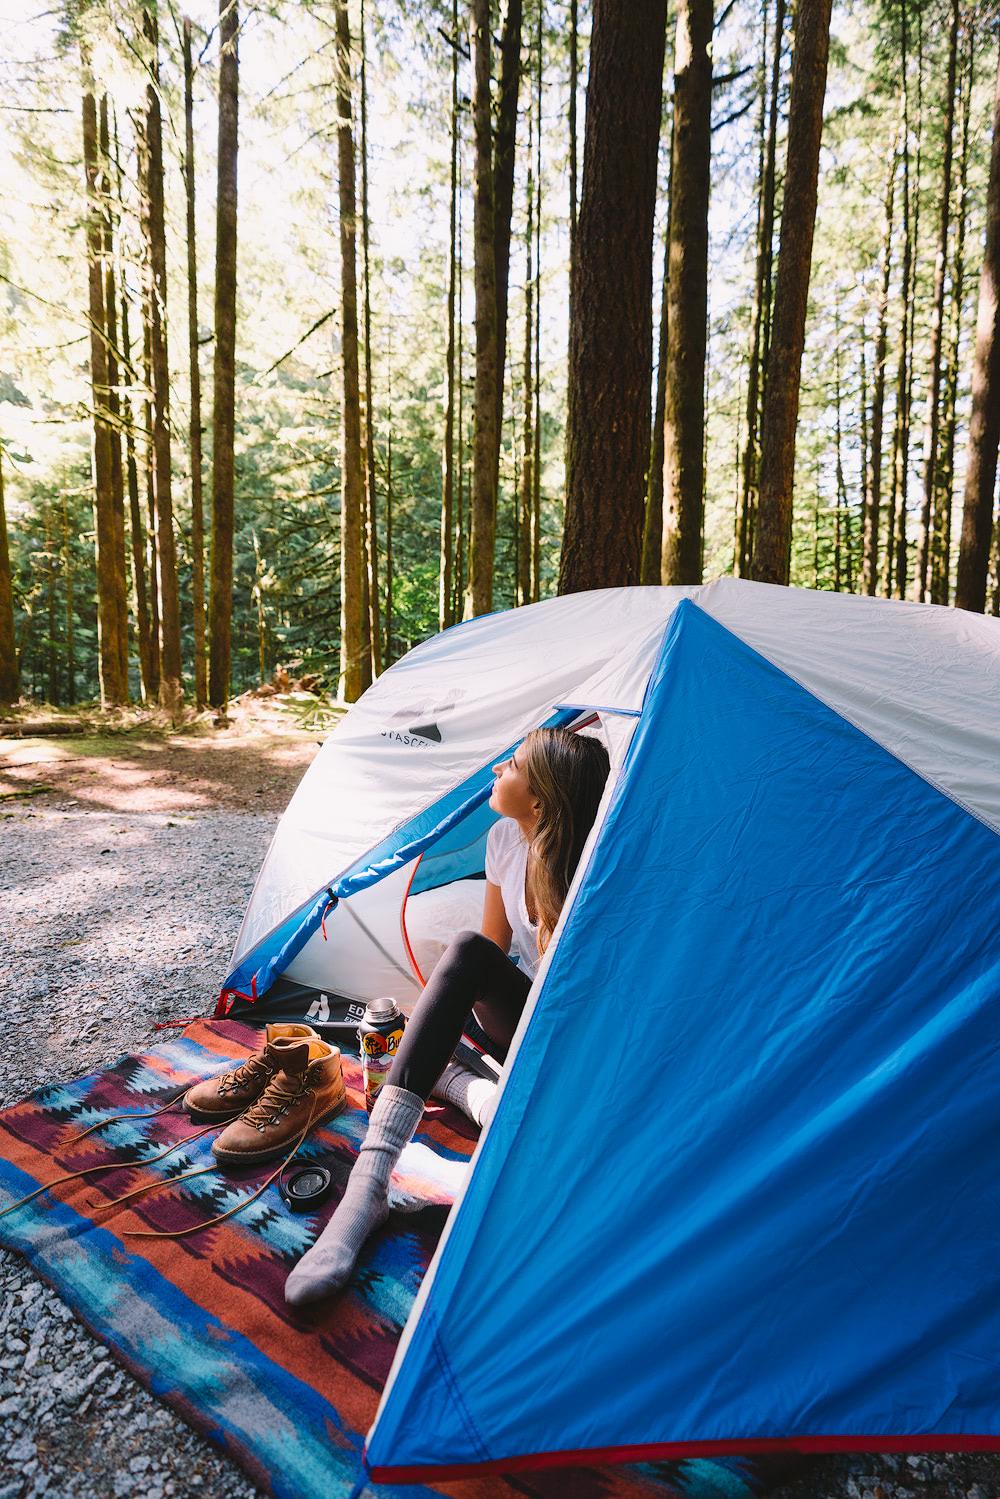 Couples Adventure Getaway to British ColumbiaGolden Ears Provincial Park 2